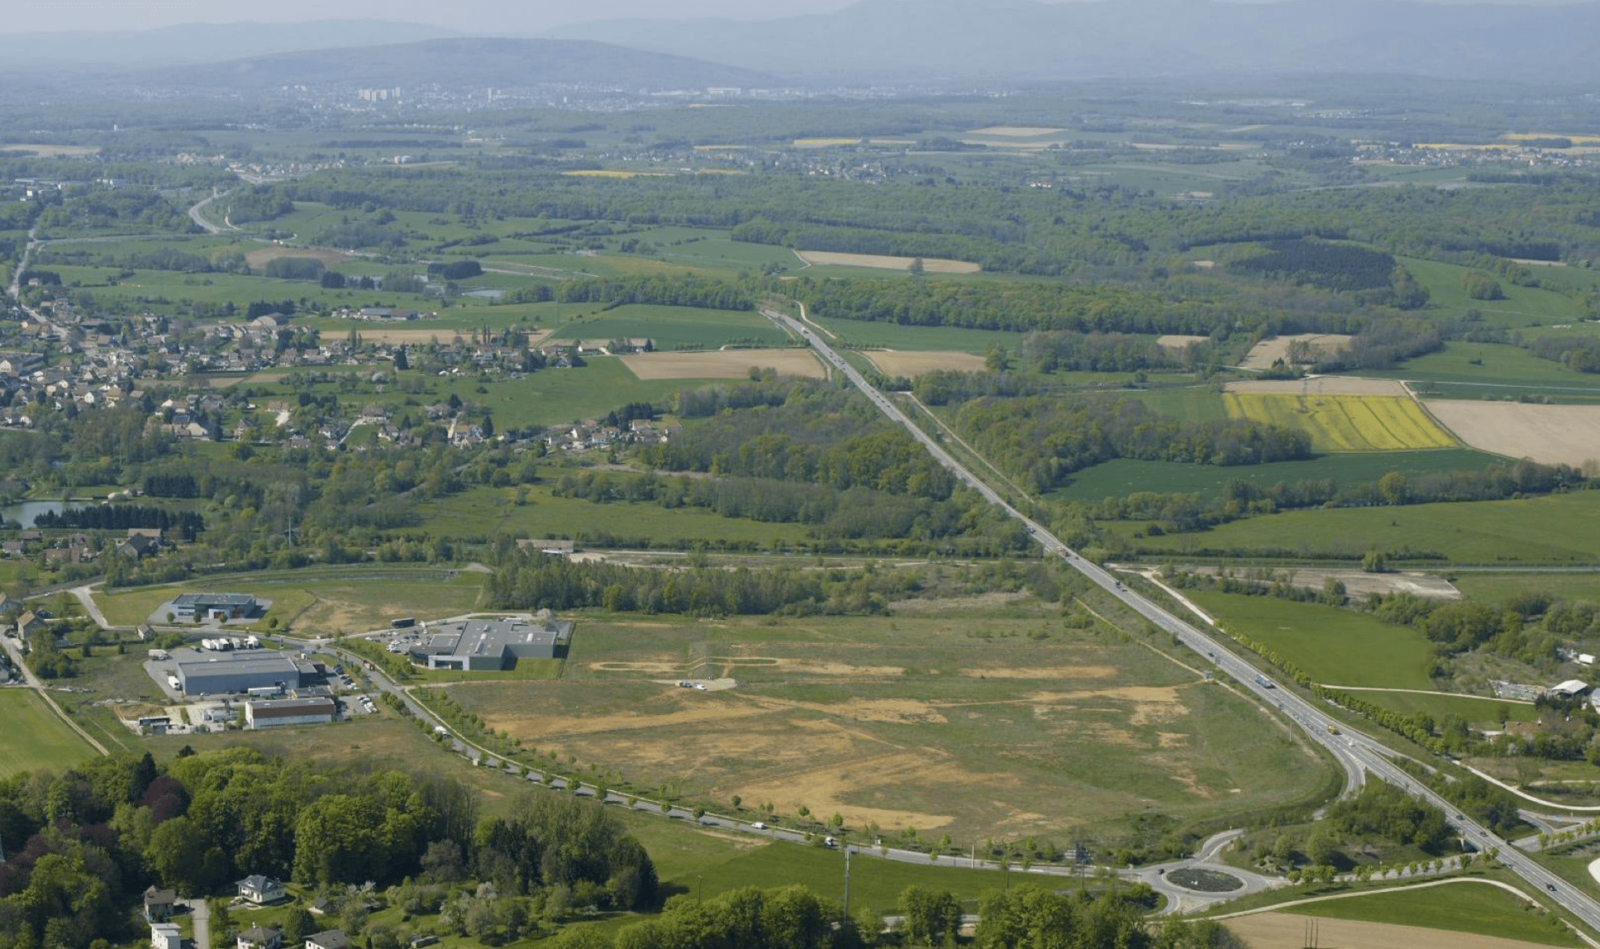 Achat terrains Morvillars – Territoire de Belfort (90)